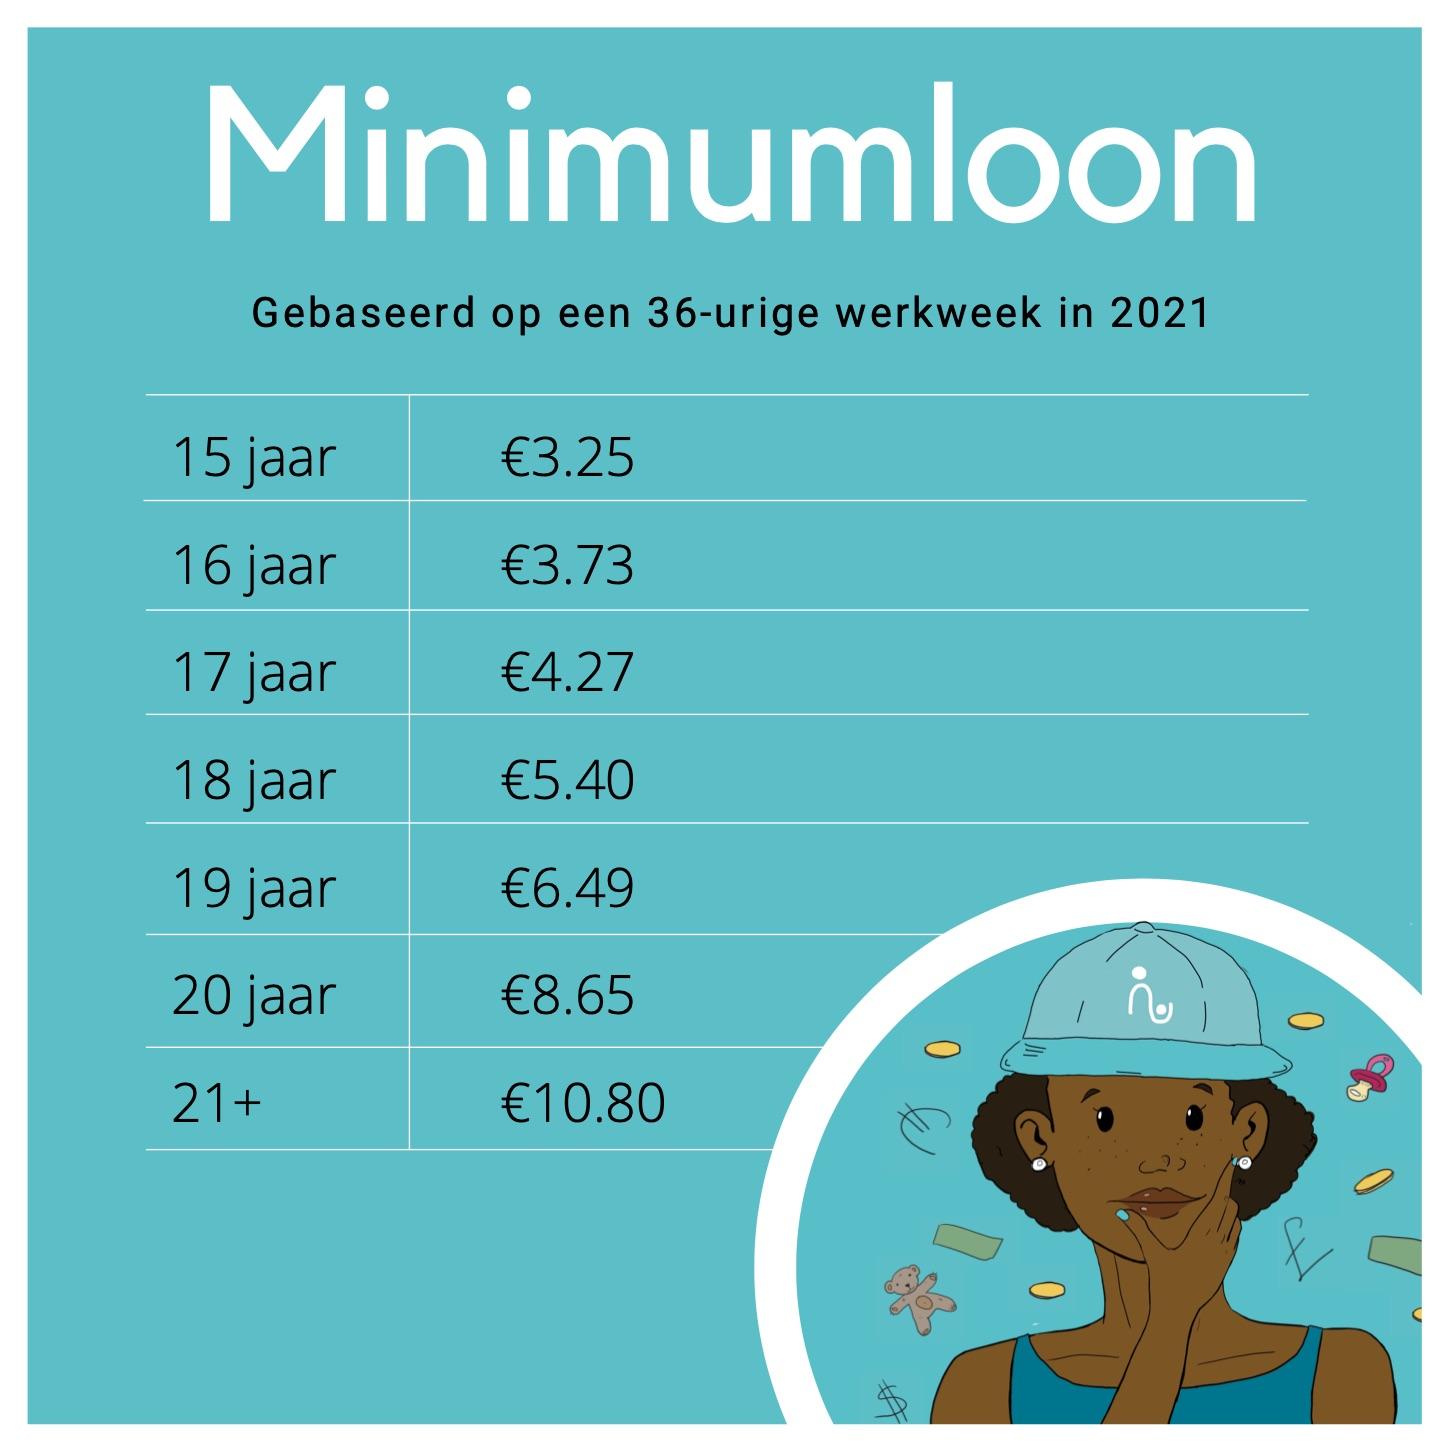 minimumloon 2021